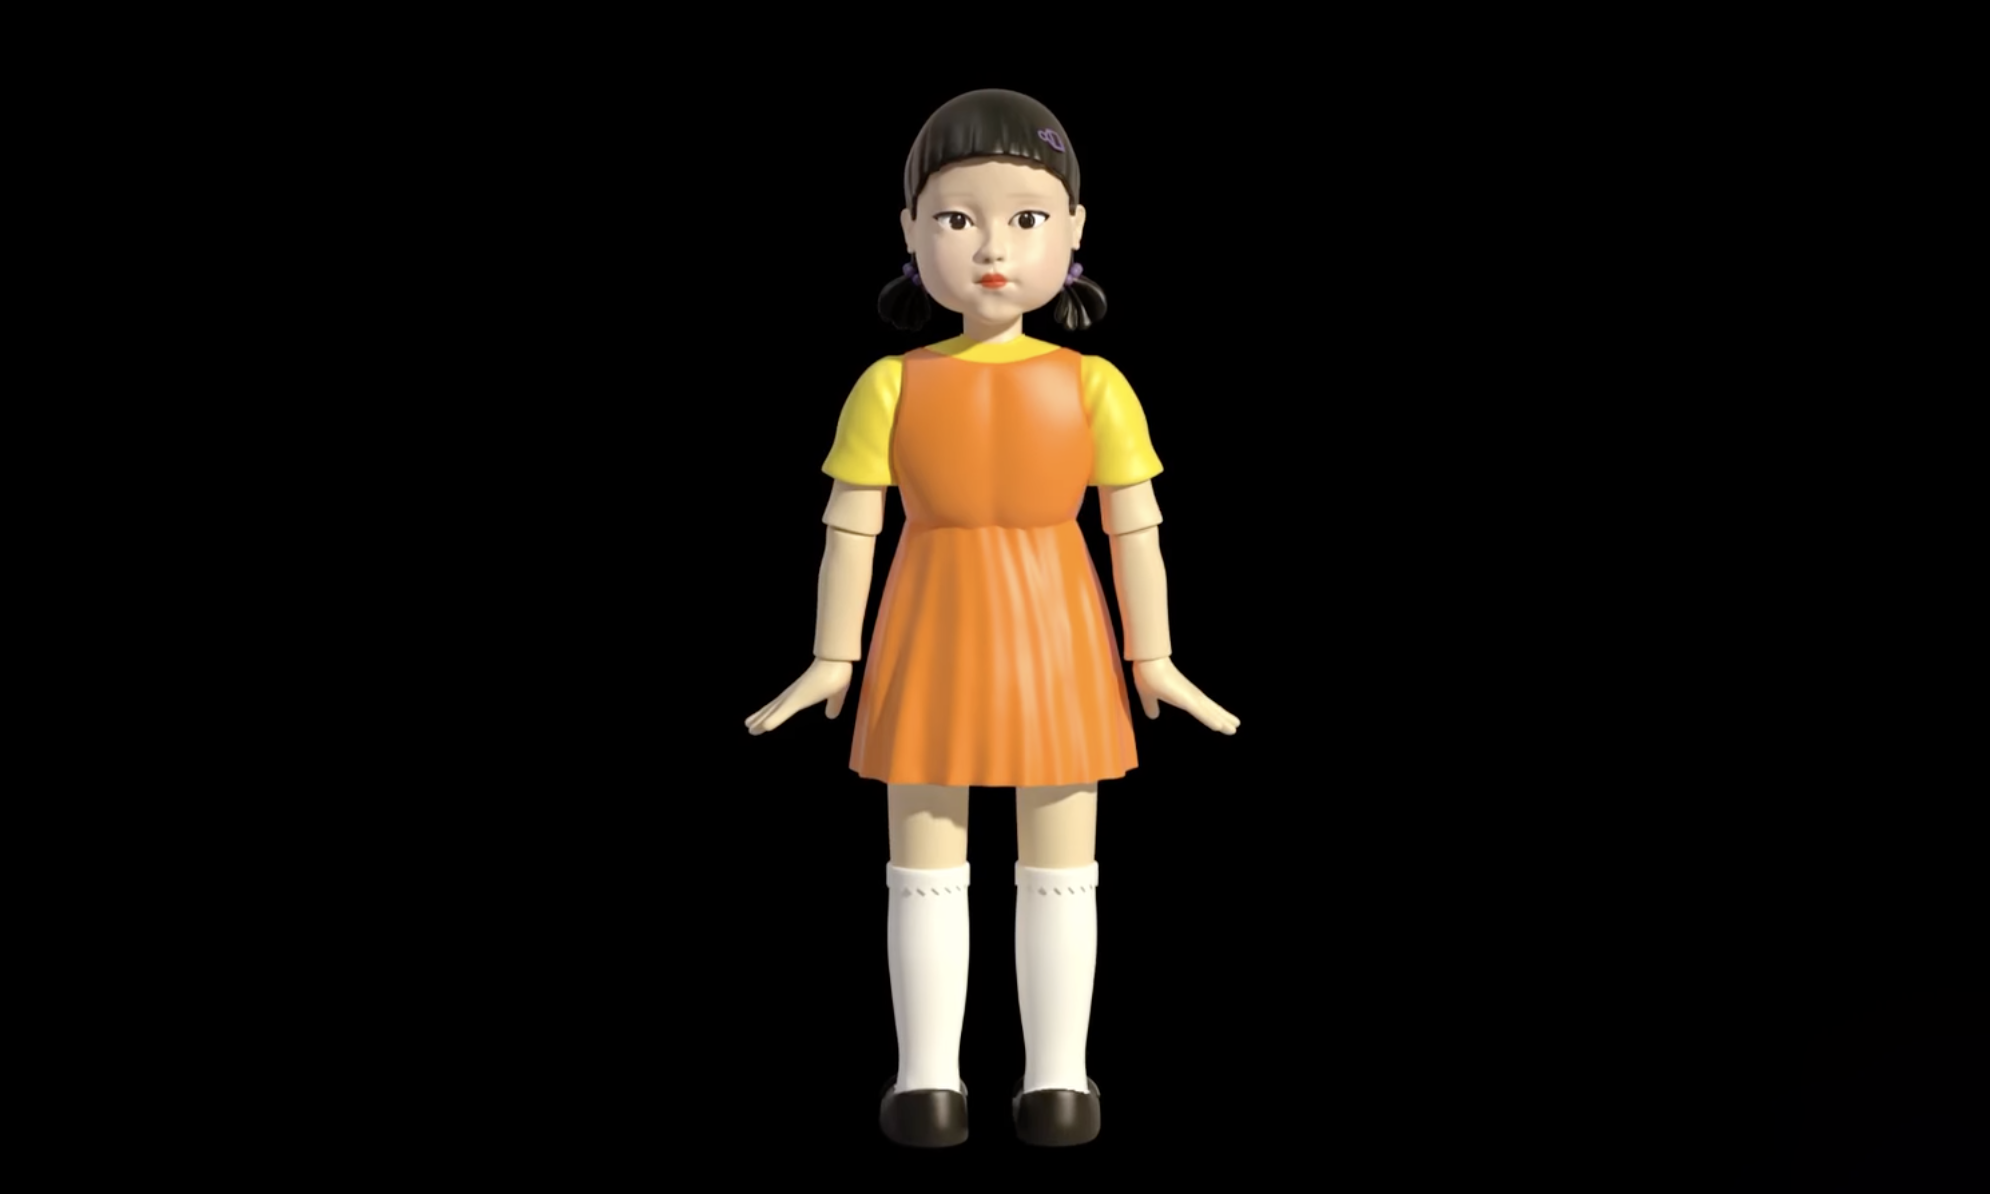 全球首个官方认证的《鱿鱼游戏》玩偶即将发售